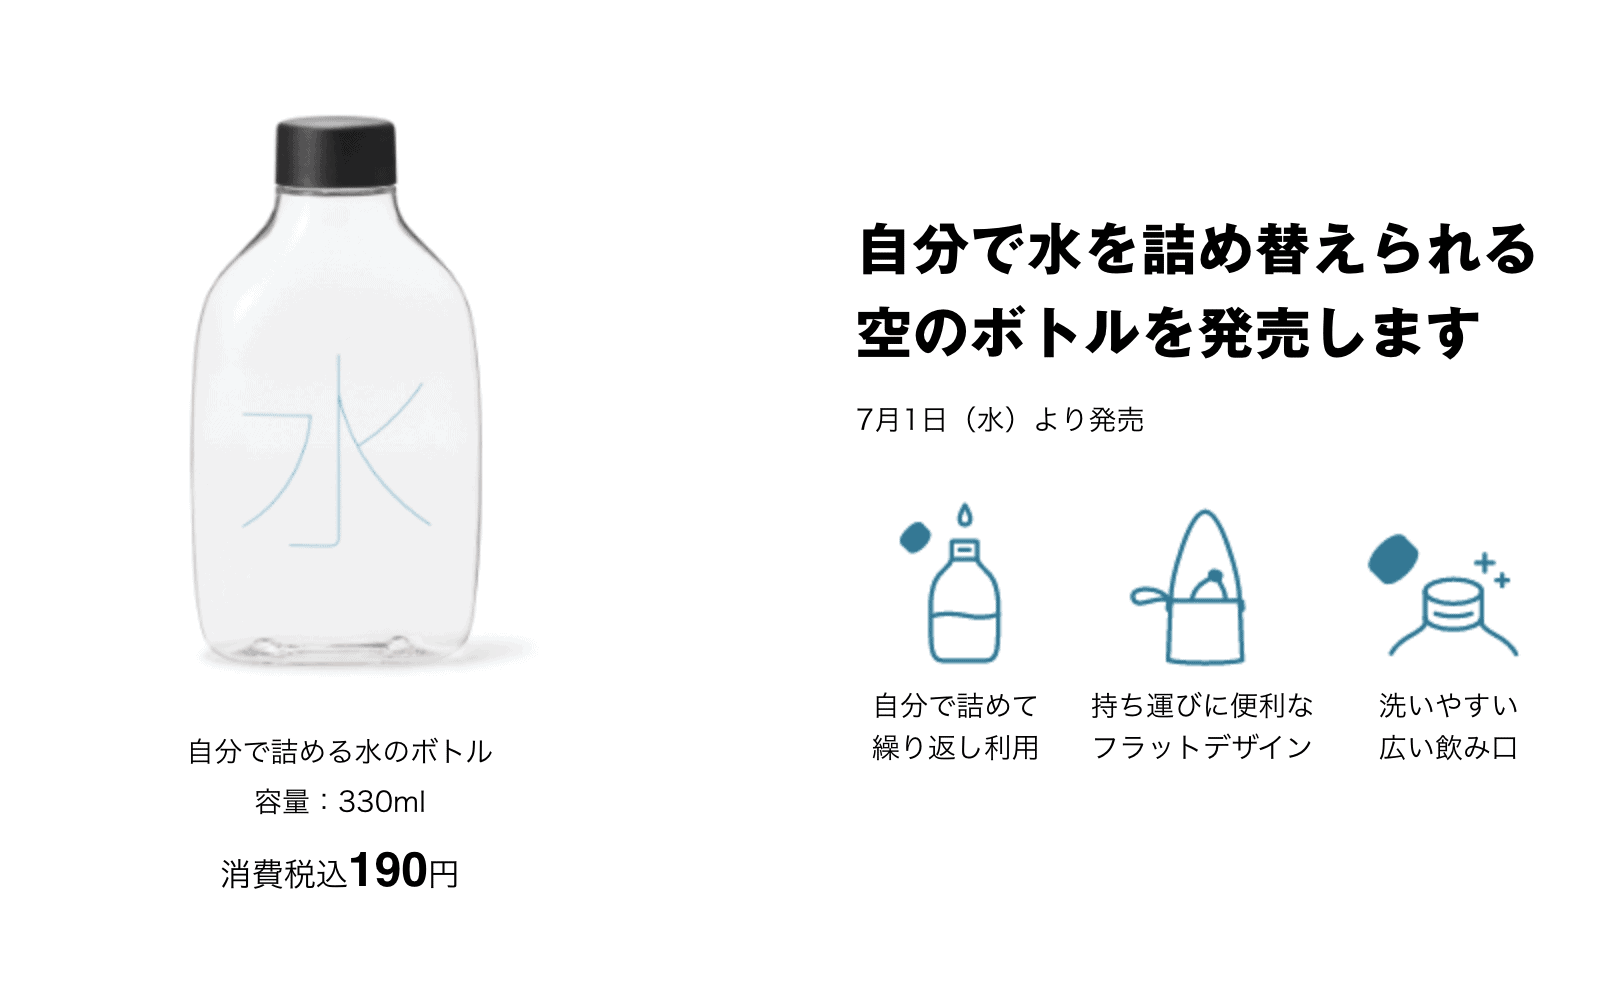 ขวดน้ำแบบเติม สกรีนคำว่า 水 (น้ำ) จาก Muji